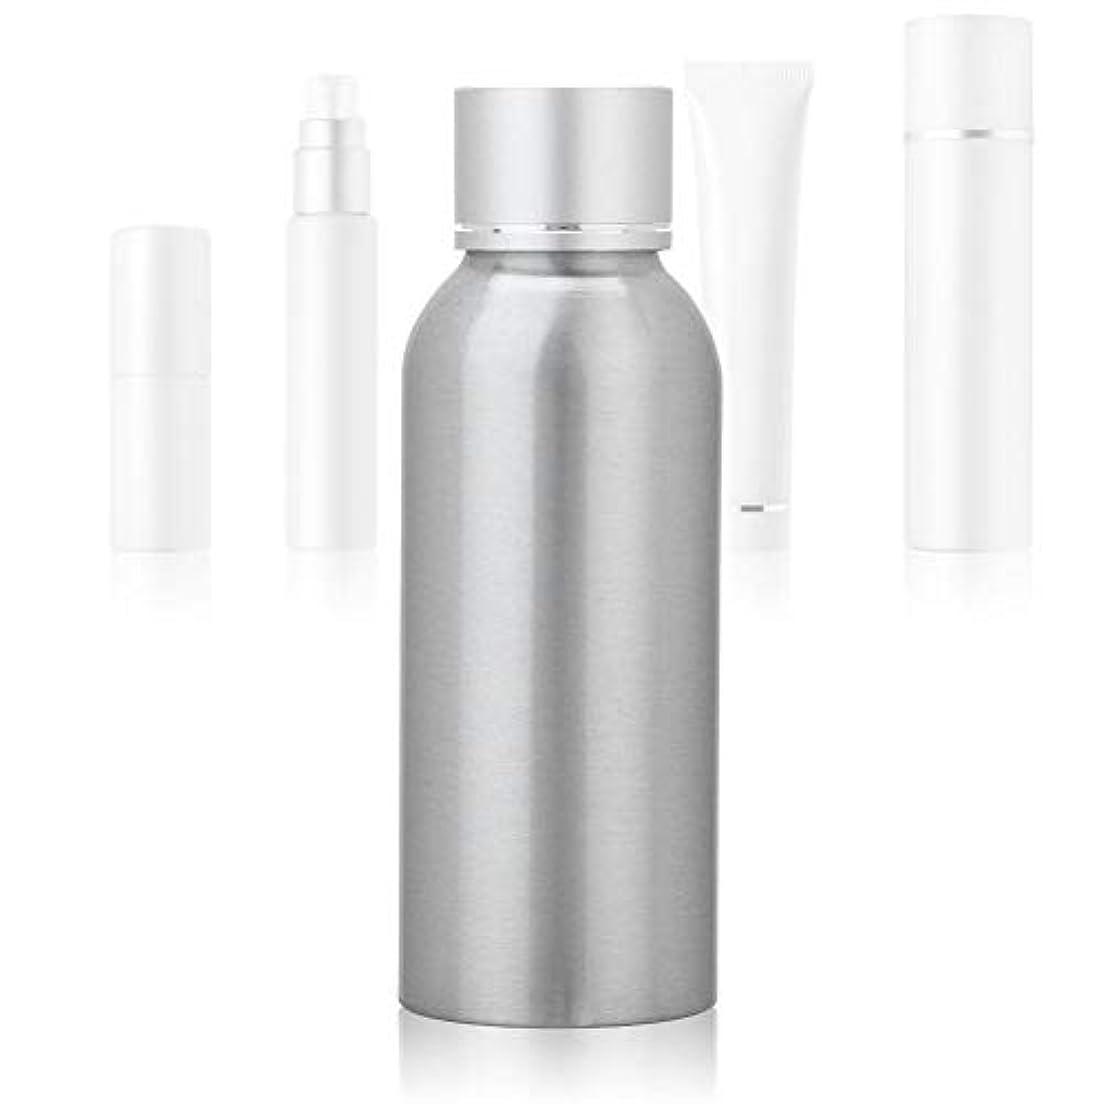 予約カラス道徳100 MLアジア銀陽極酸化アルミニウム 空の化粧品ボトル ポータブルDIY スキンケア 製品トナーコンテナーボトル